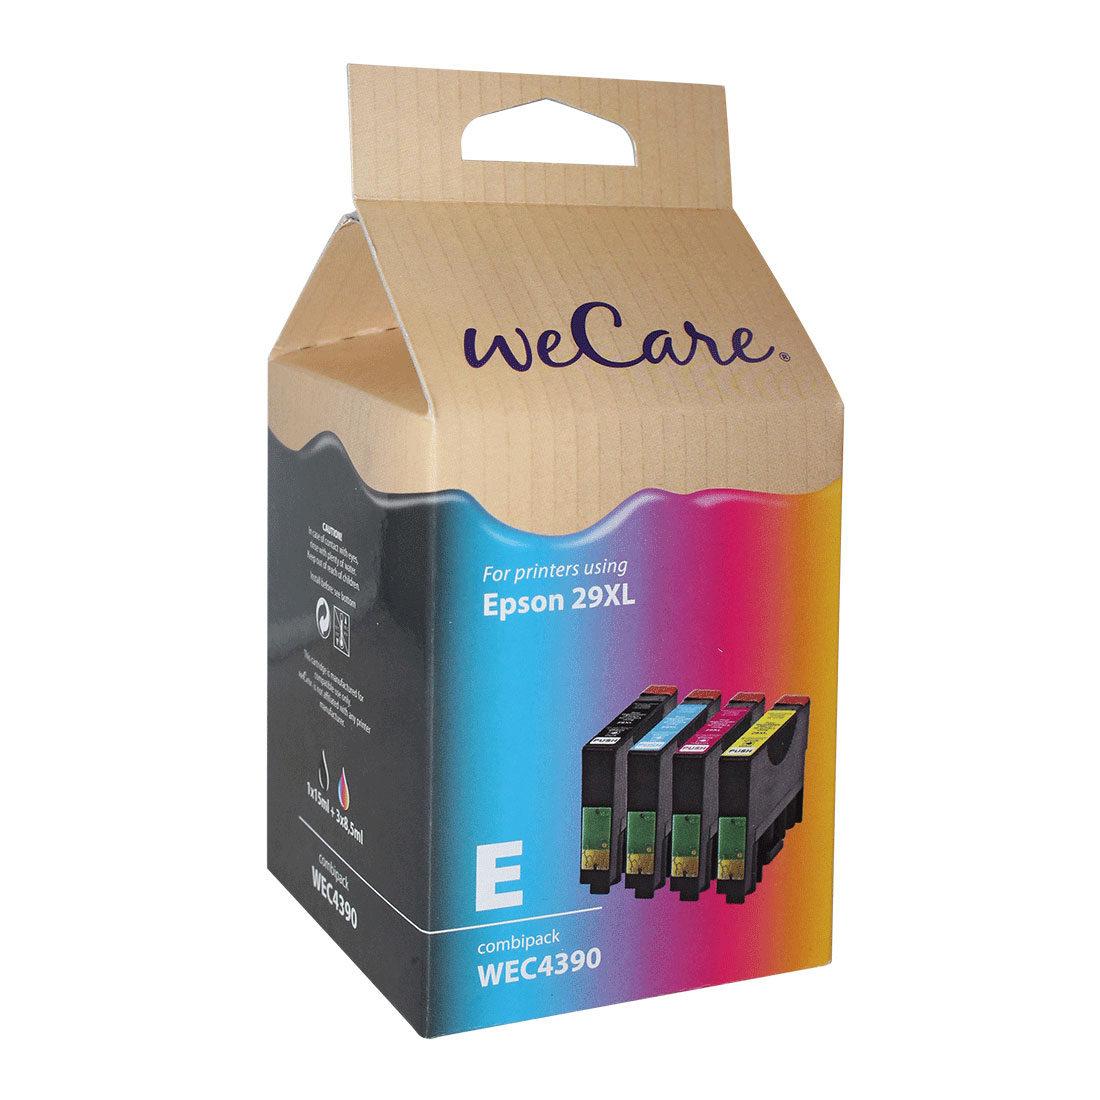 Foto van WeCare Epson Inktpatroon 29XL Multipack (4-pack)